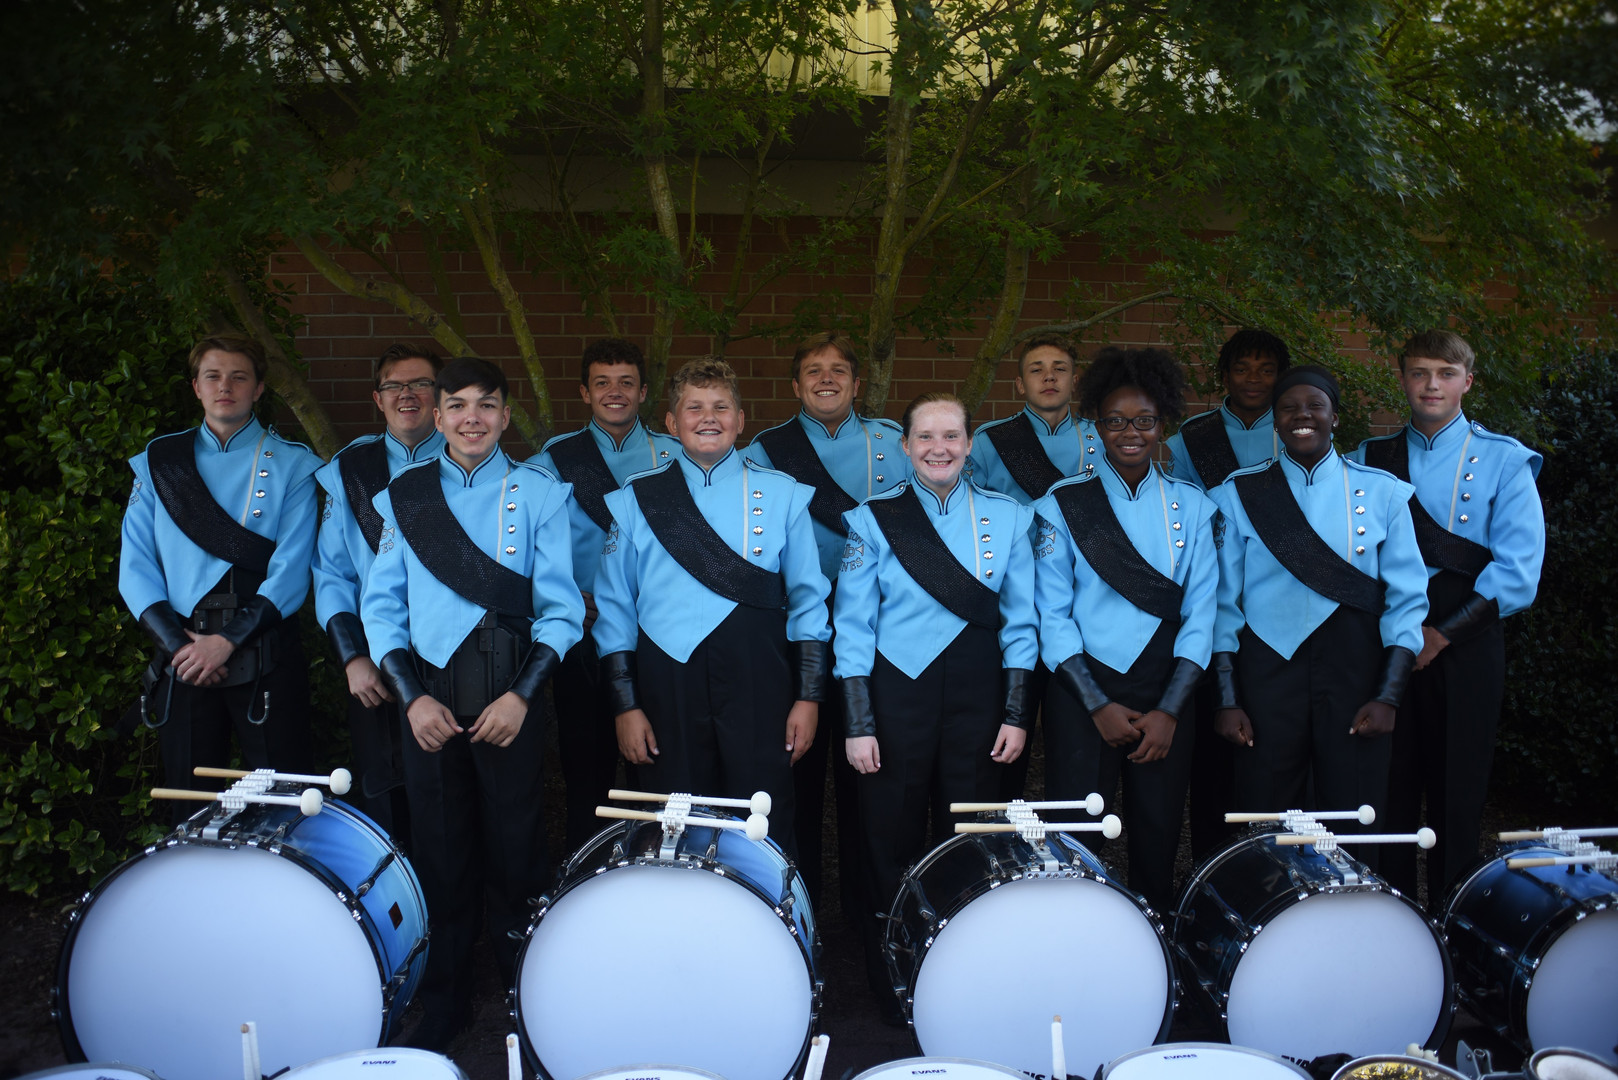 2019 Field Percussion